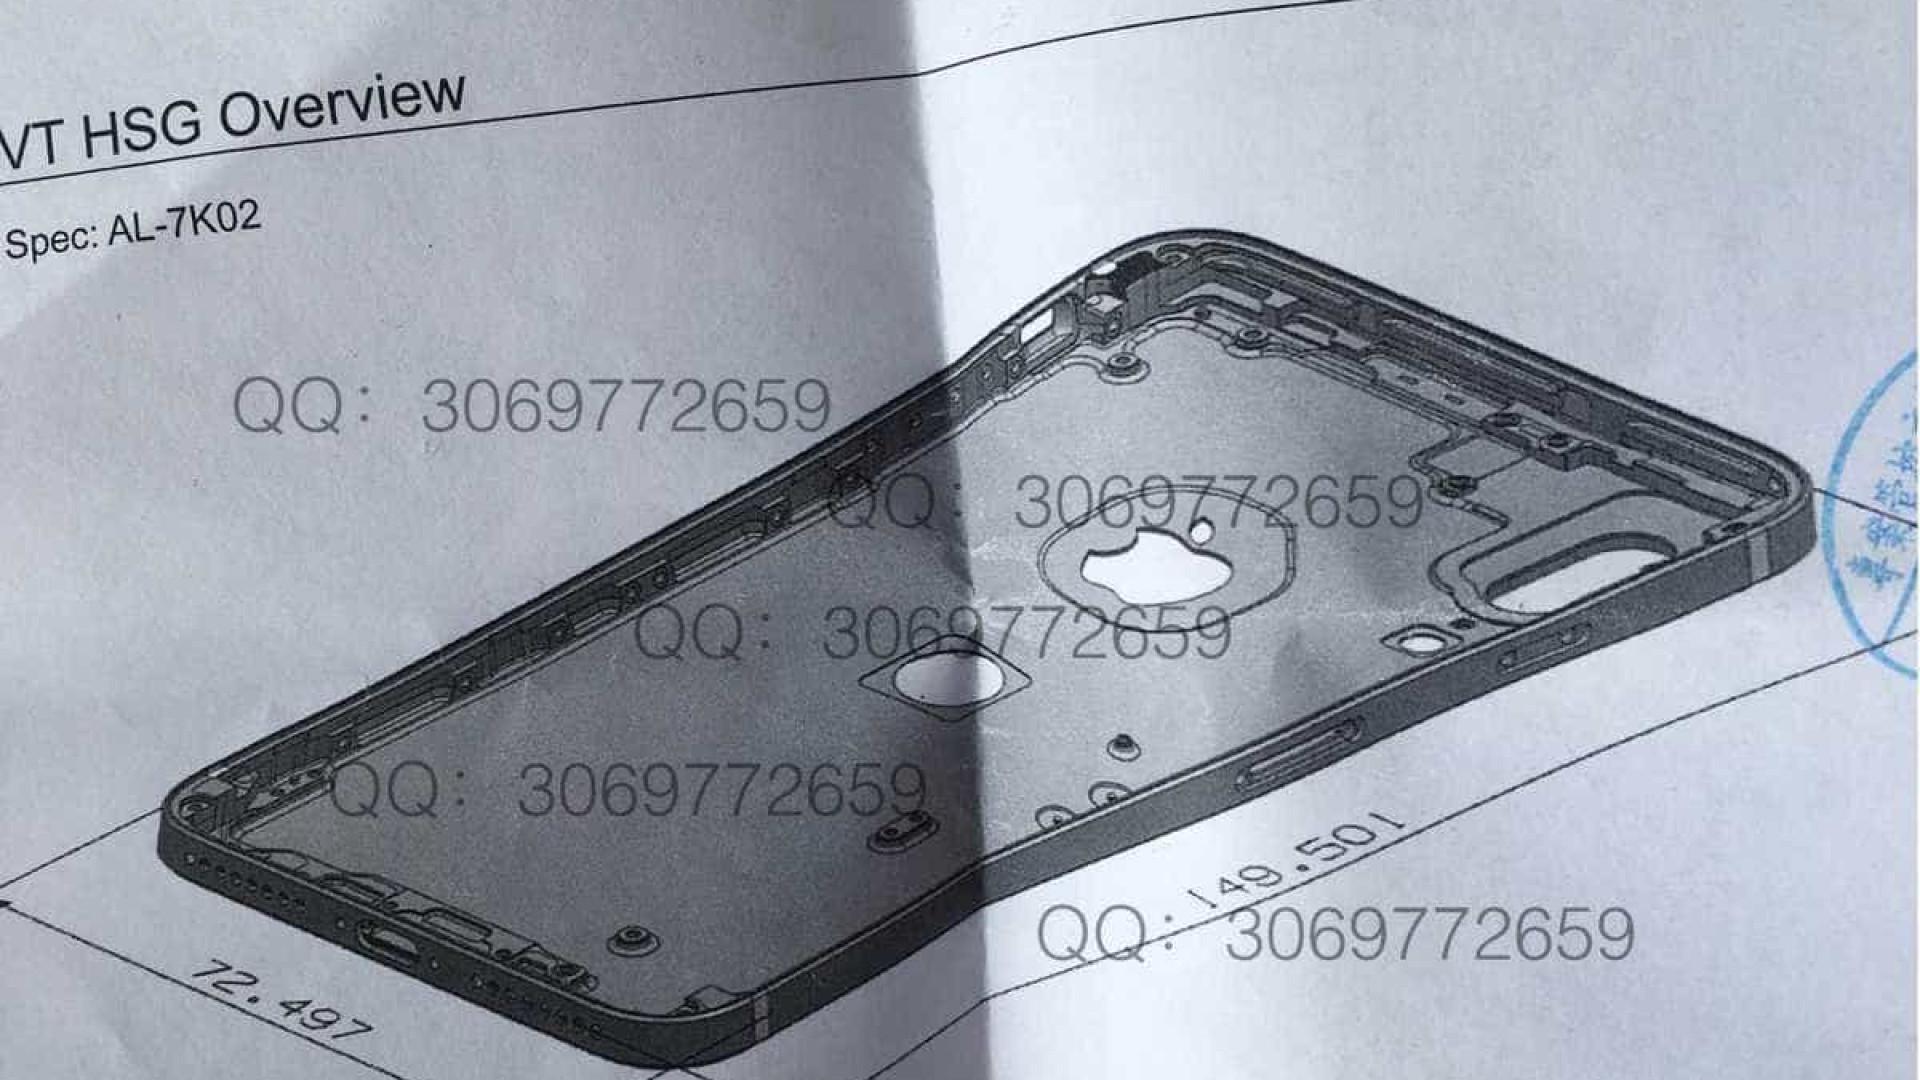 Câmara dupla e sensor traseiro confirmados no novo iPhone?